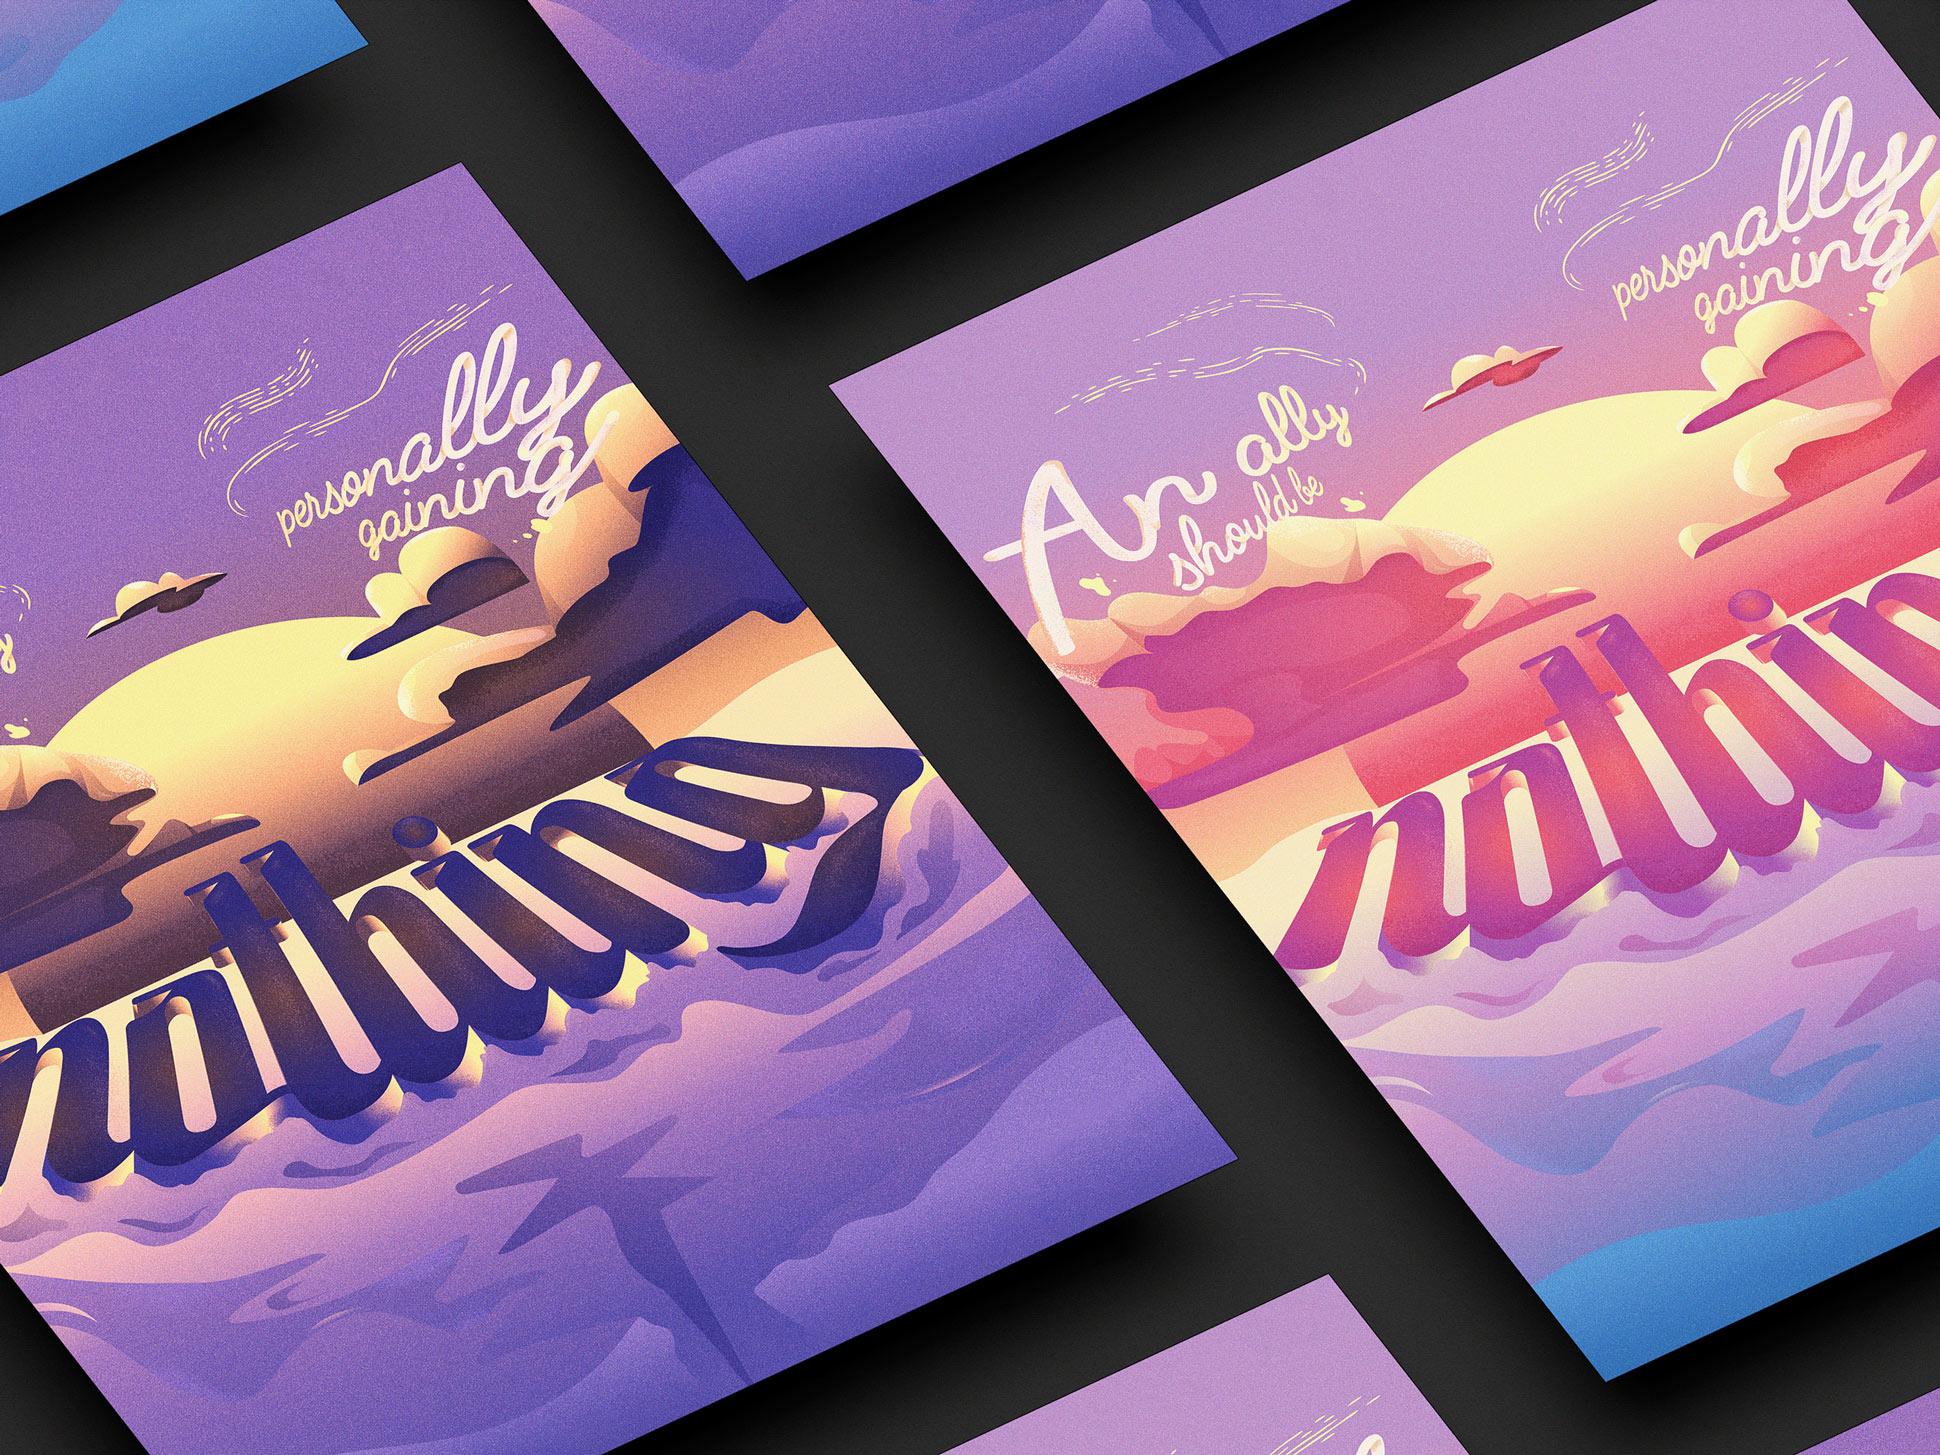 Allyship posters mockup details.